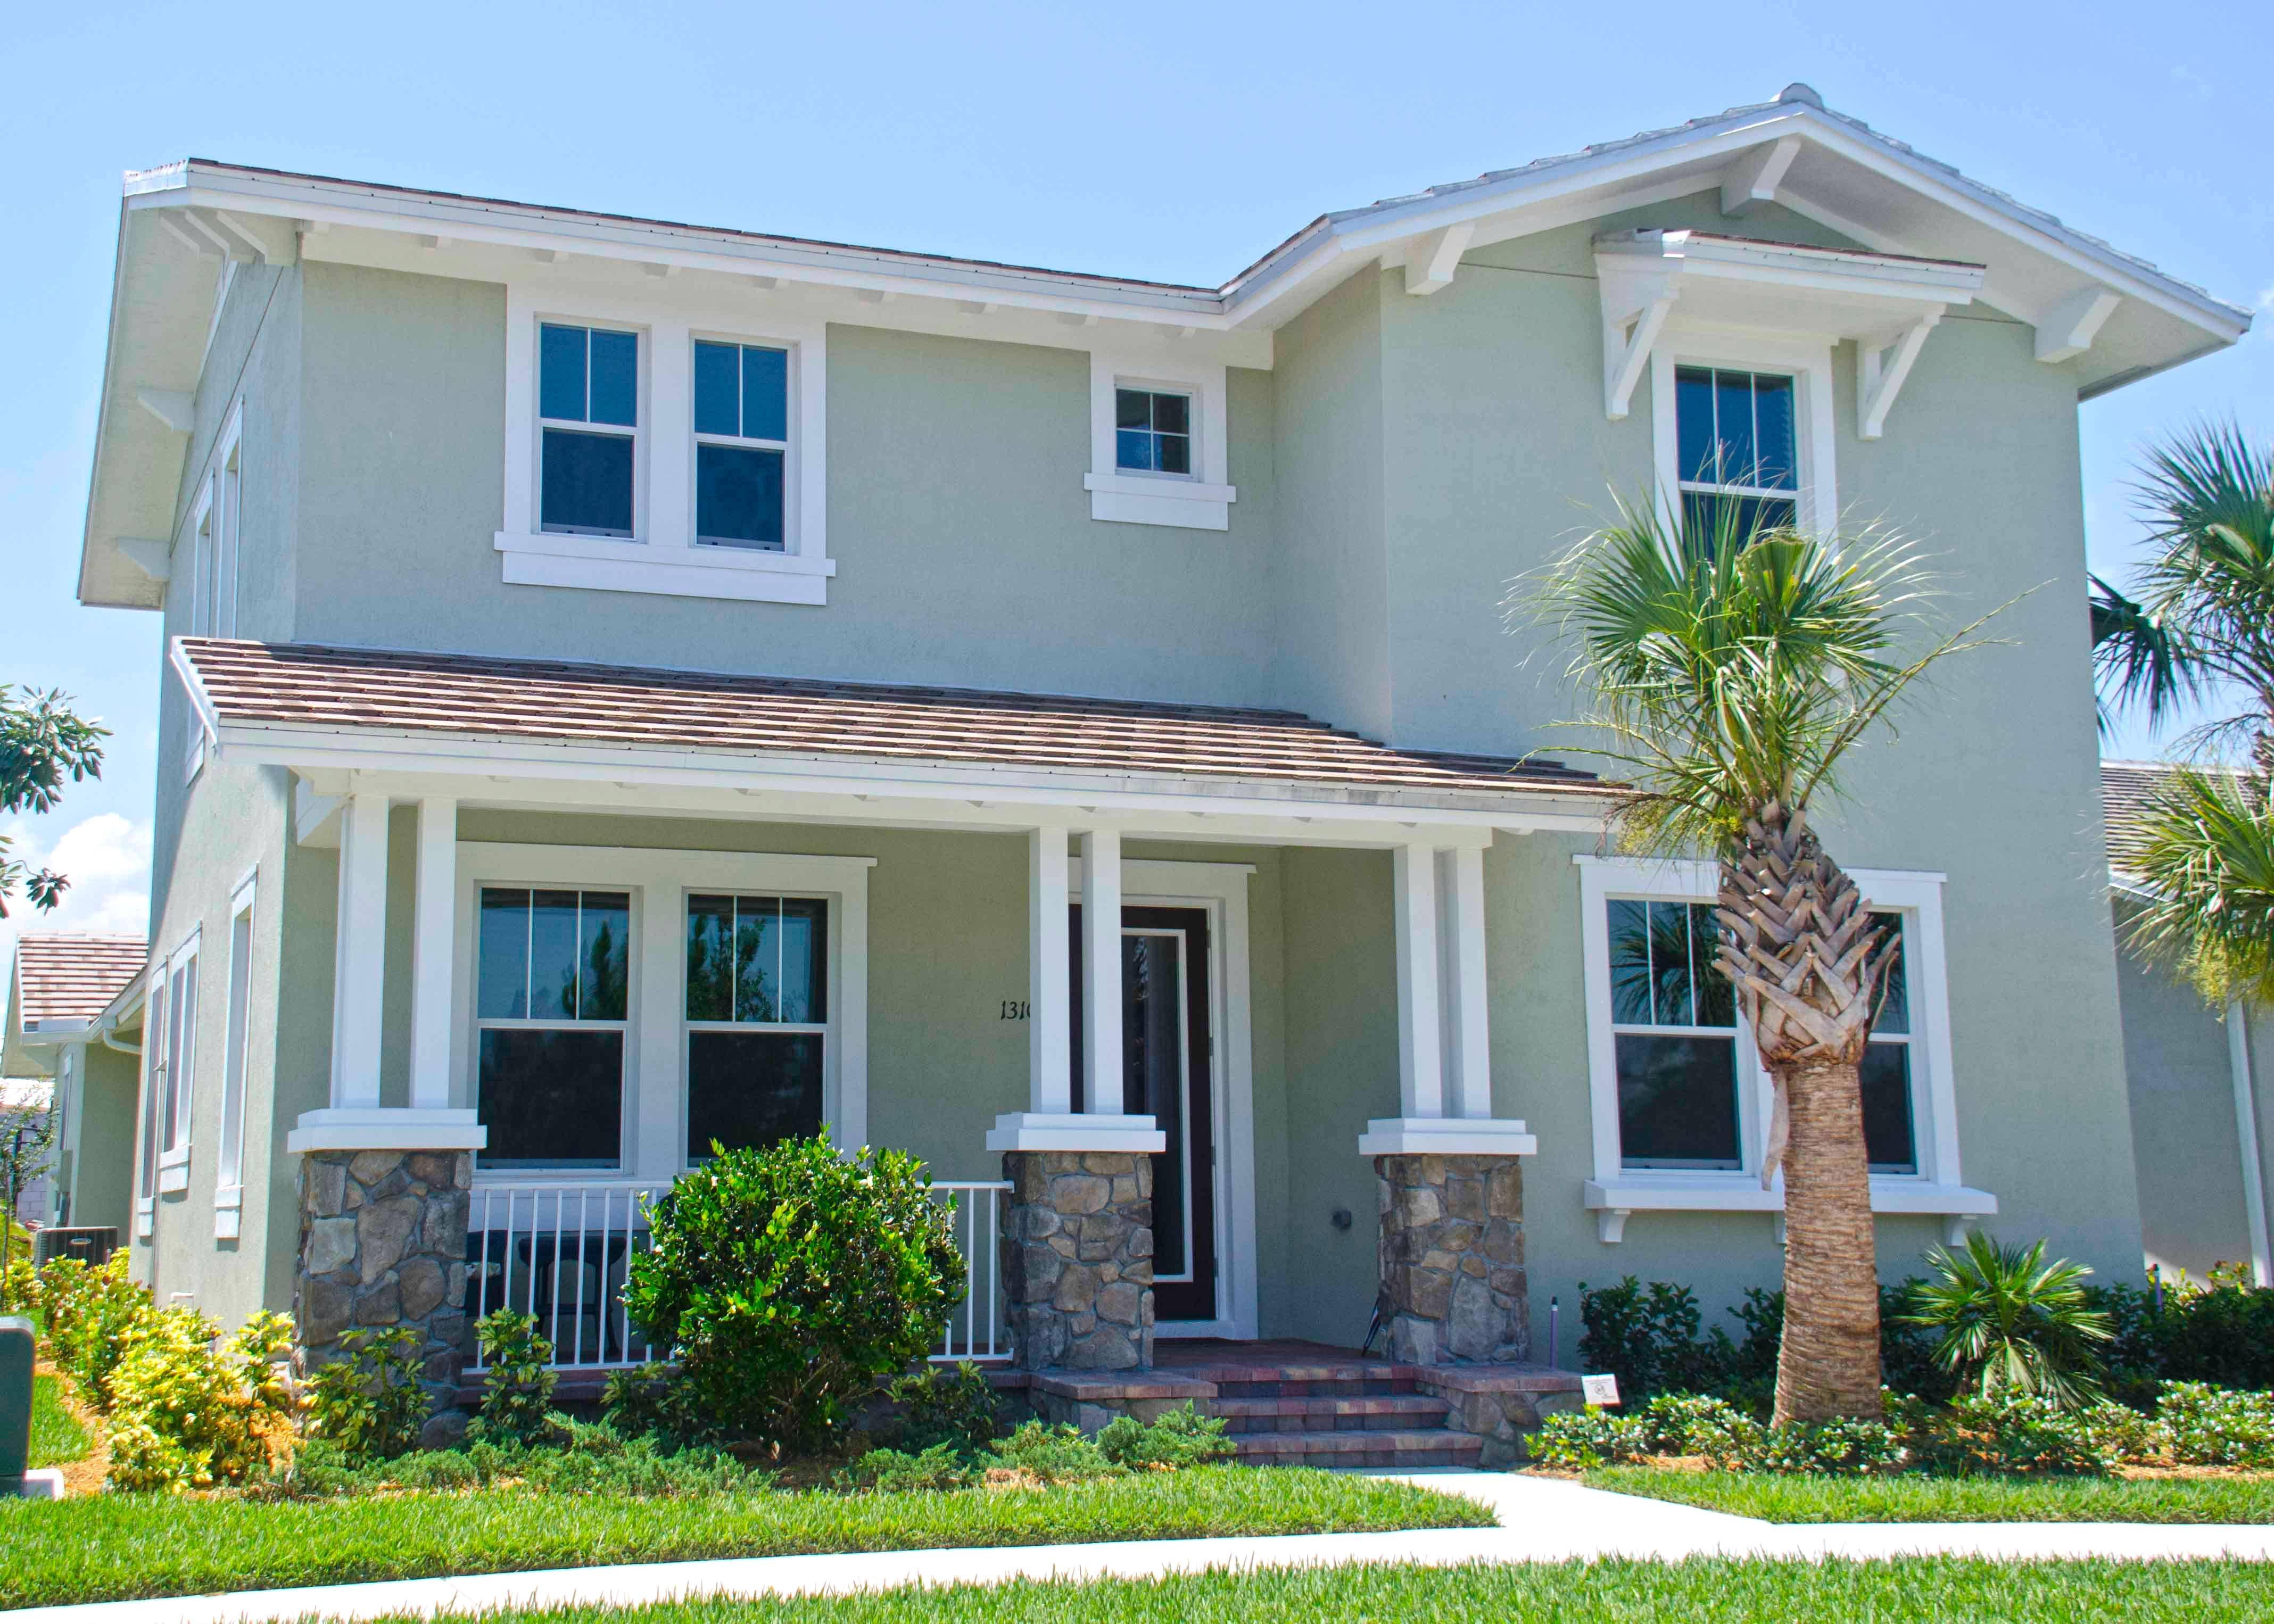 Windsor Park At Abacoa Homes For Sale In Jupiter FL